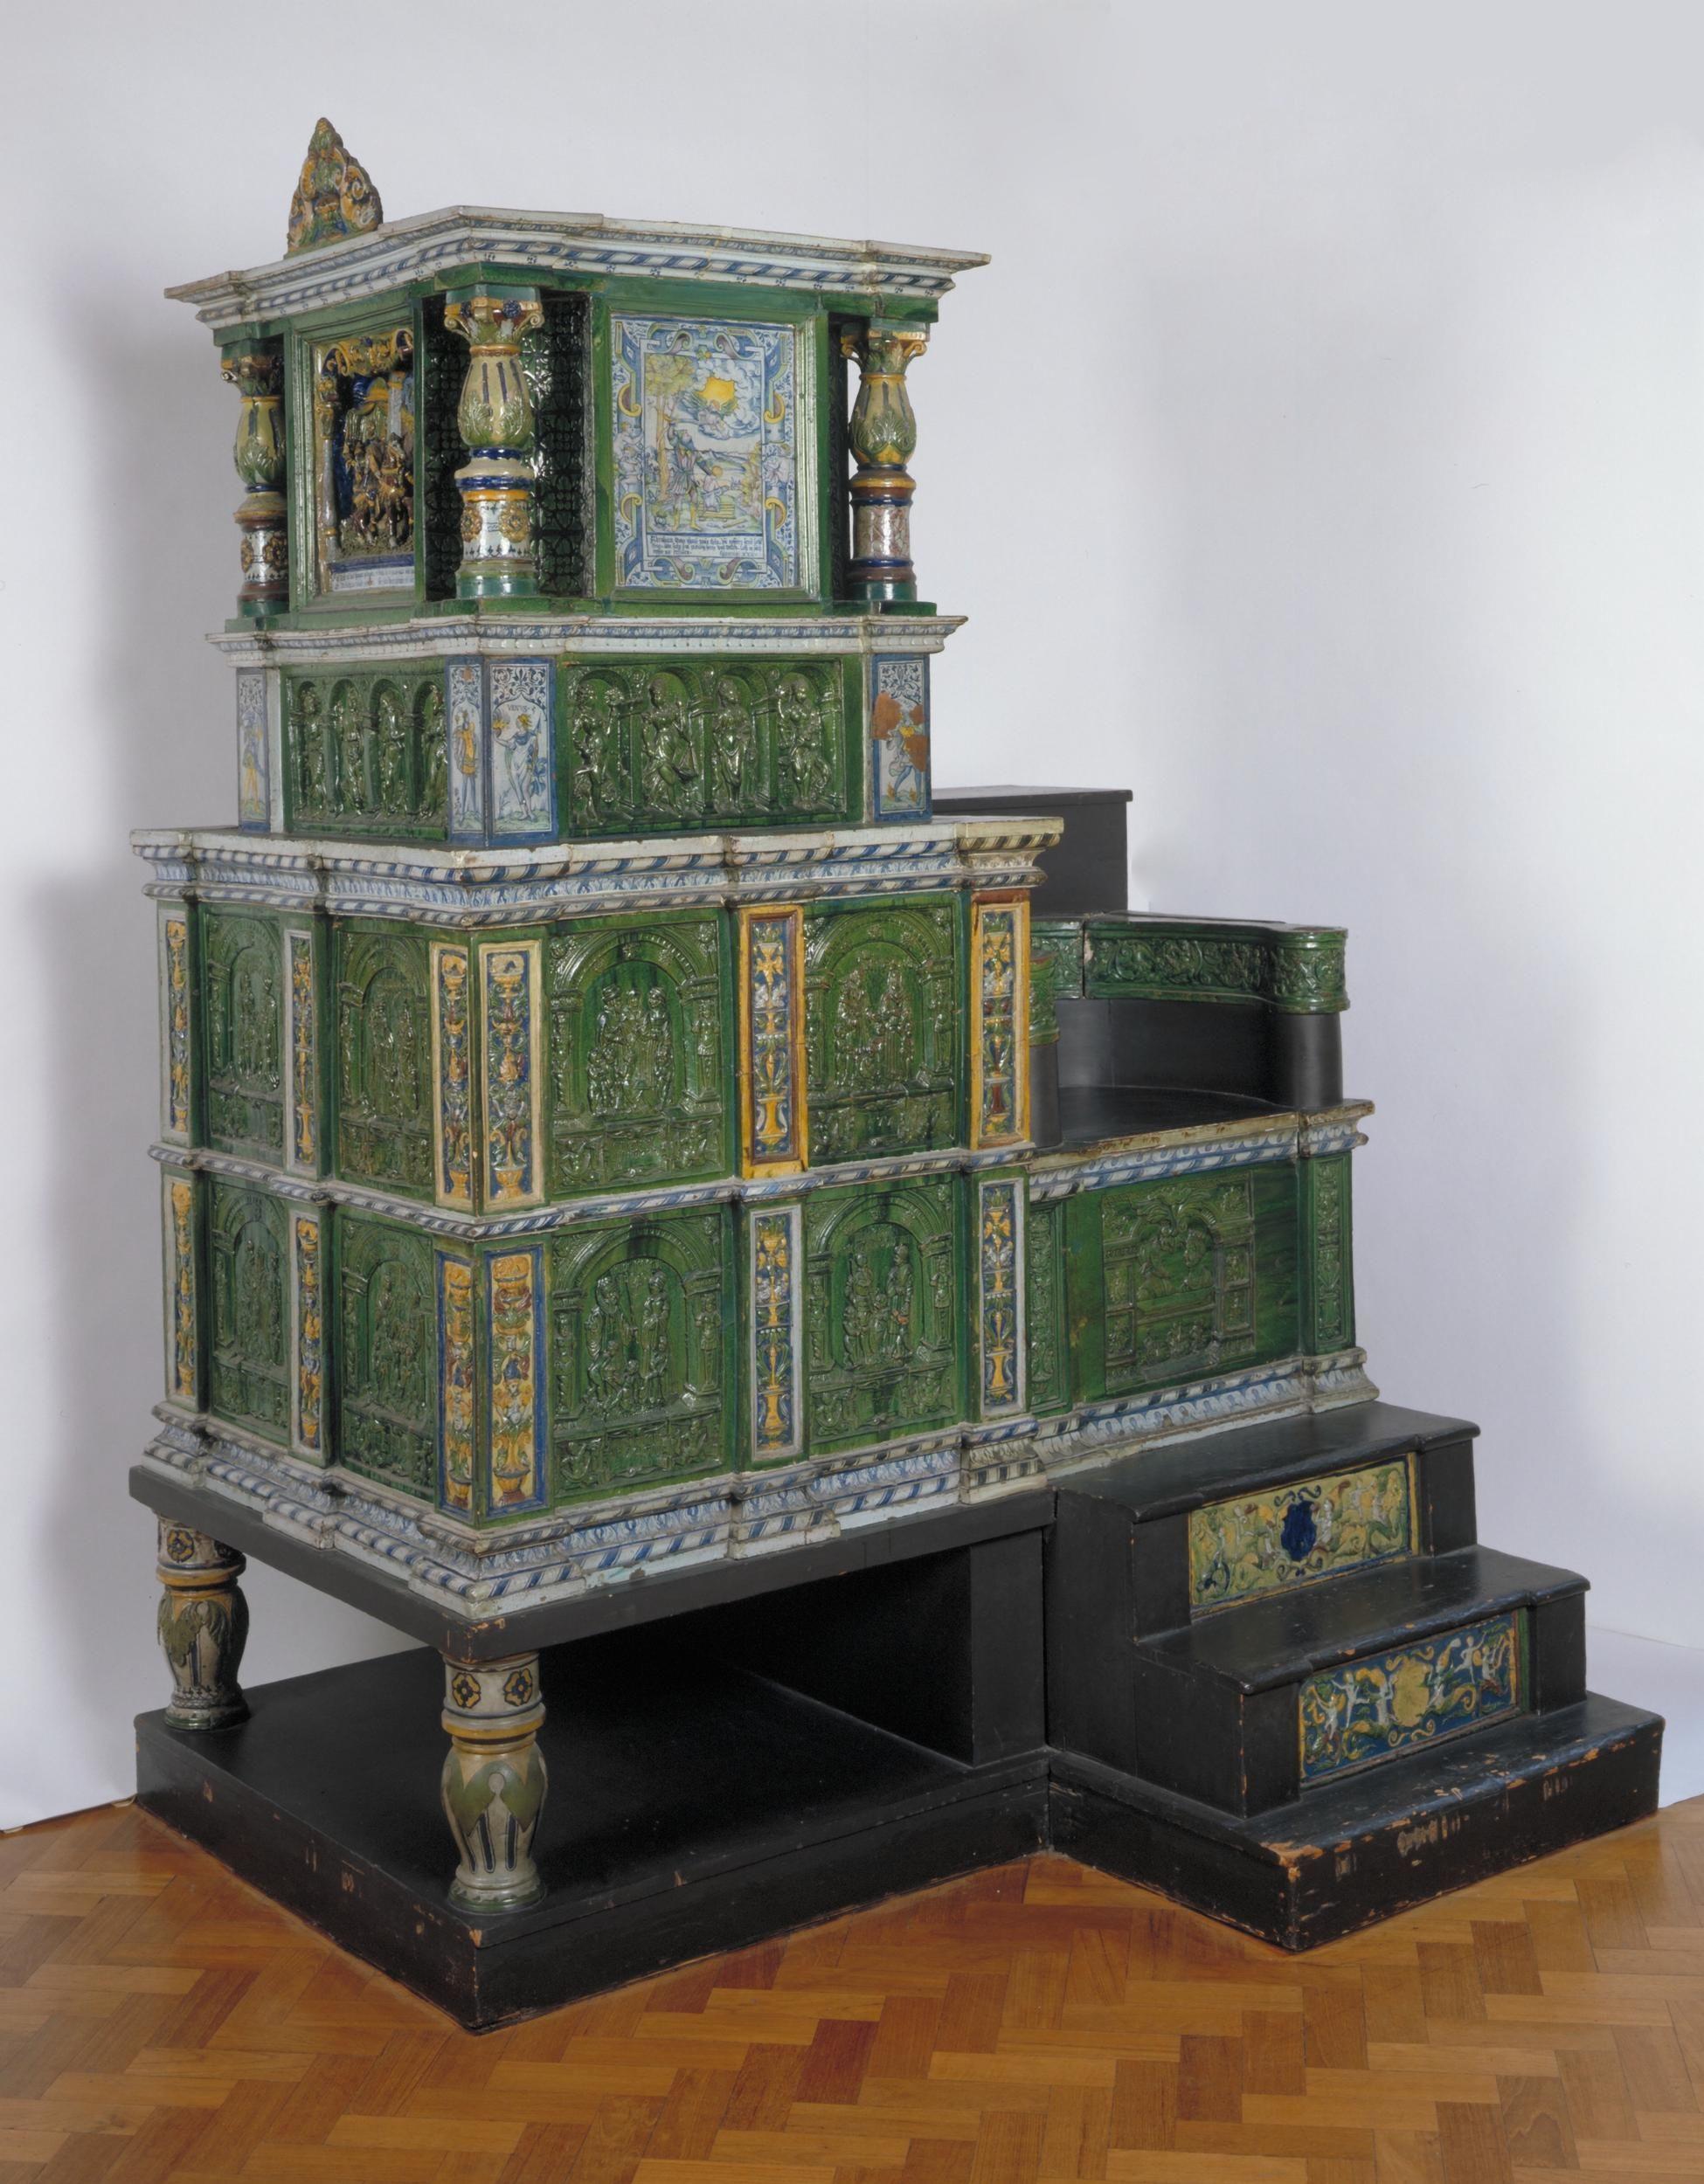 po le allemand fabriqu villengen en 1577 par hans kraut collections du v a museum londres. Black Bedroom Furniture Sets. Home Design Ideas